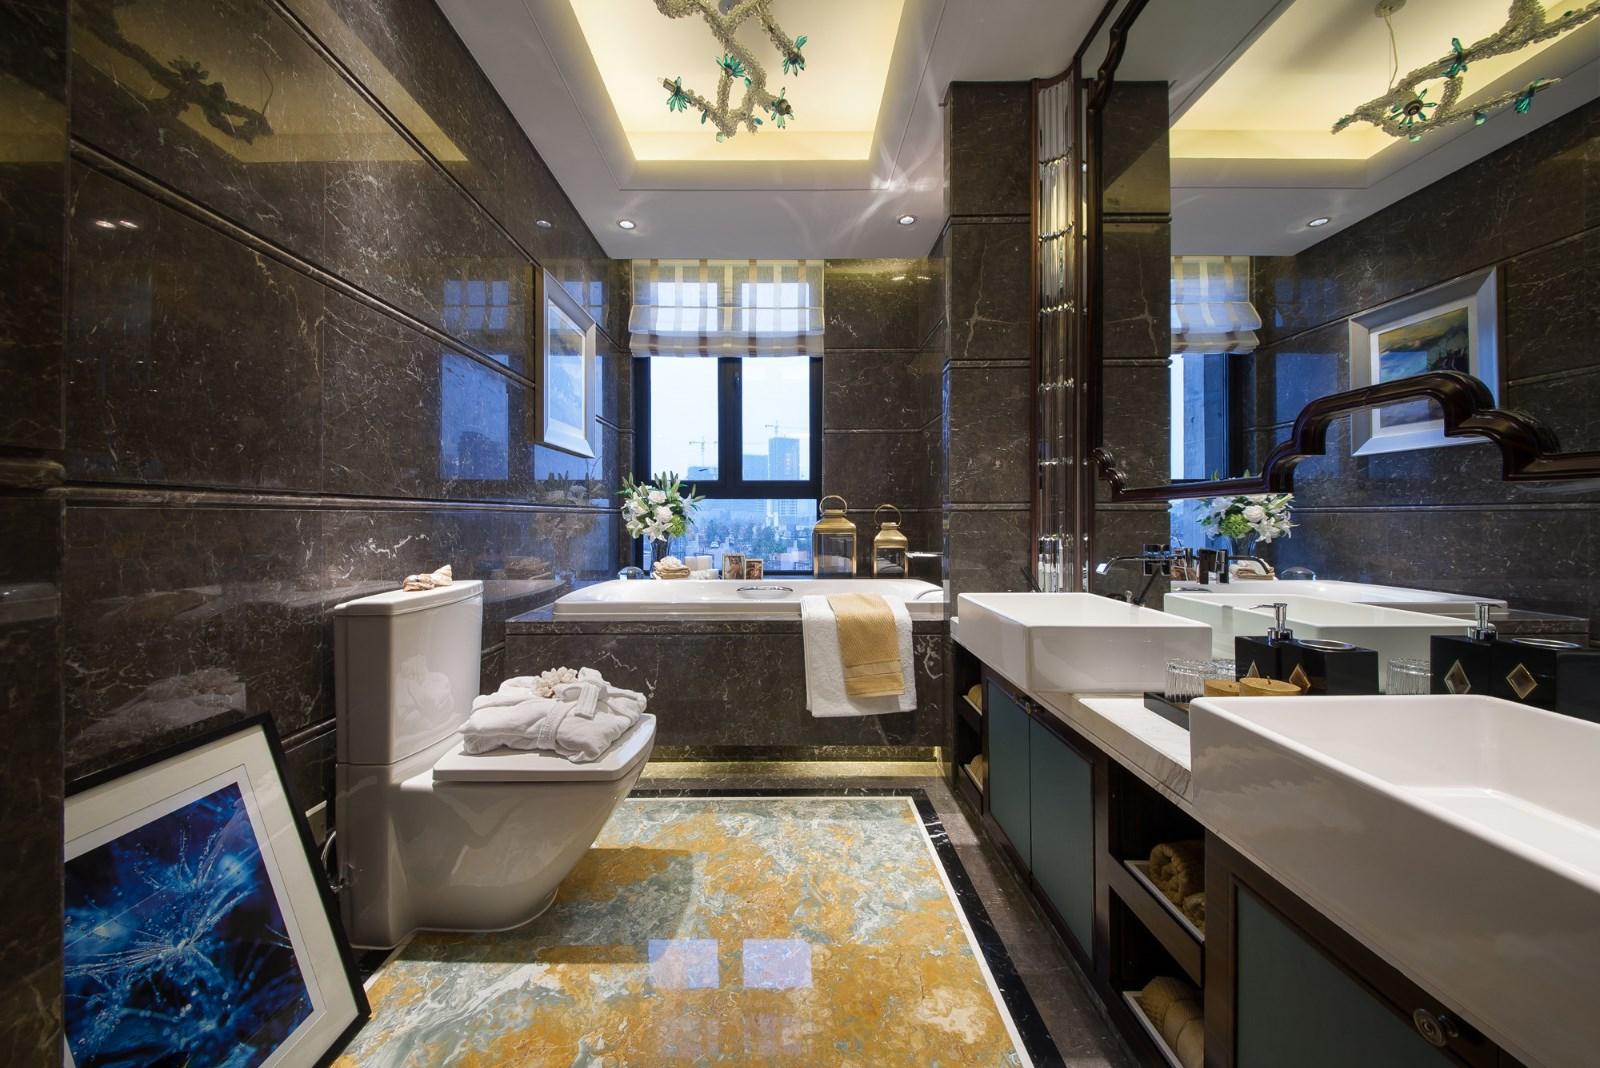 新古典 三居 大户型 复式 跃层 别墅 80后 小资 卫生间图片来自高度国际姚吉智在158平米古典风无法低调的高雅的分享